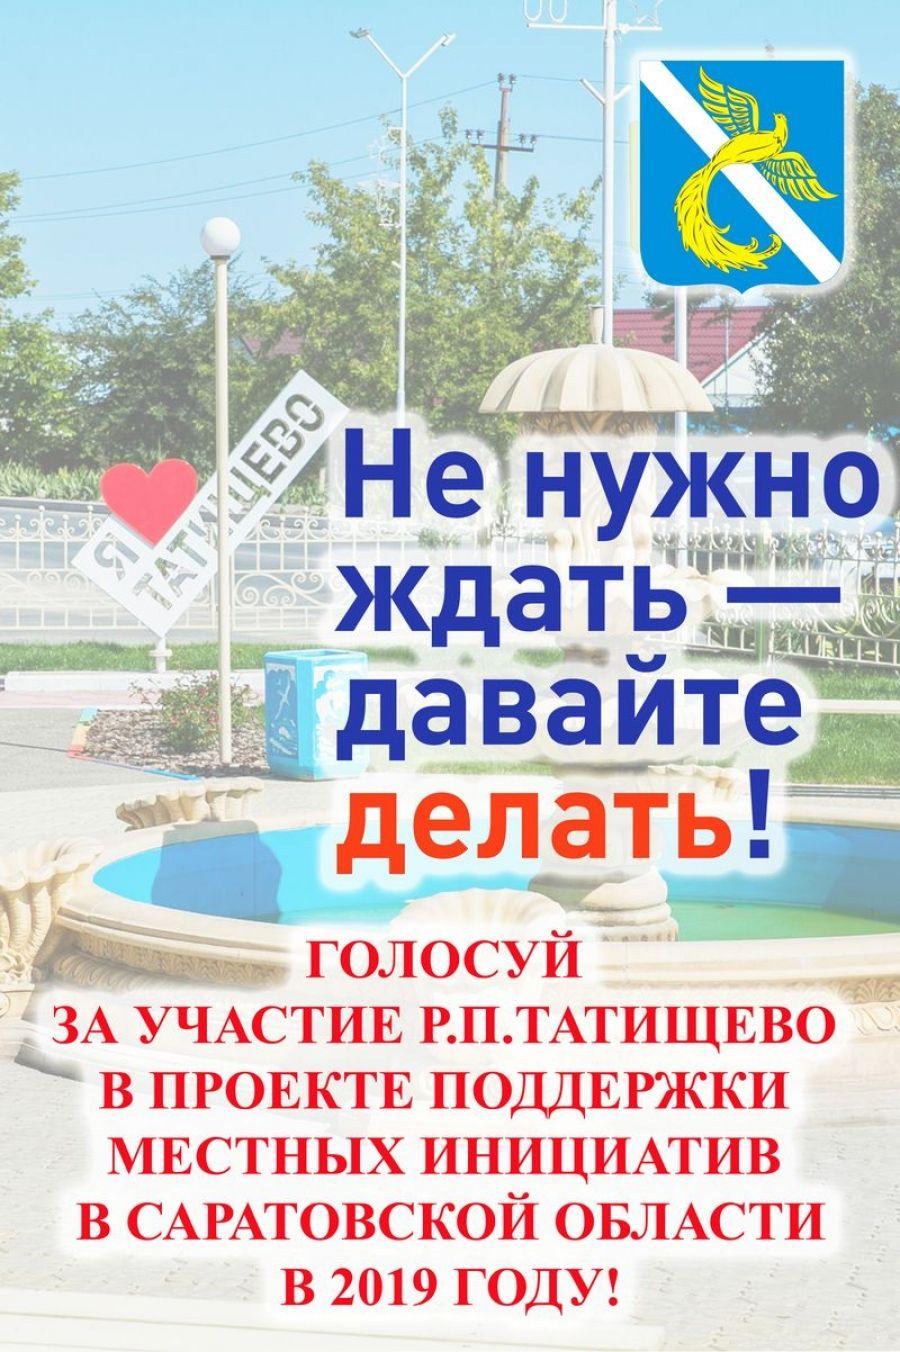 Уважаемые жители р.п.Татищево!